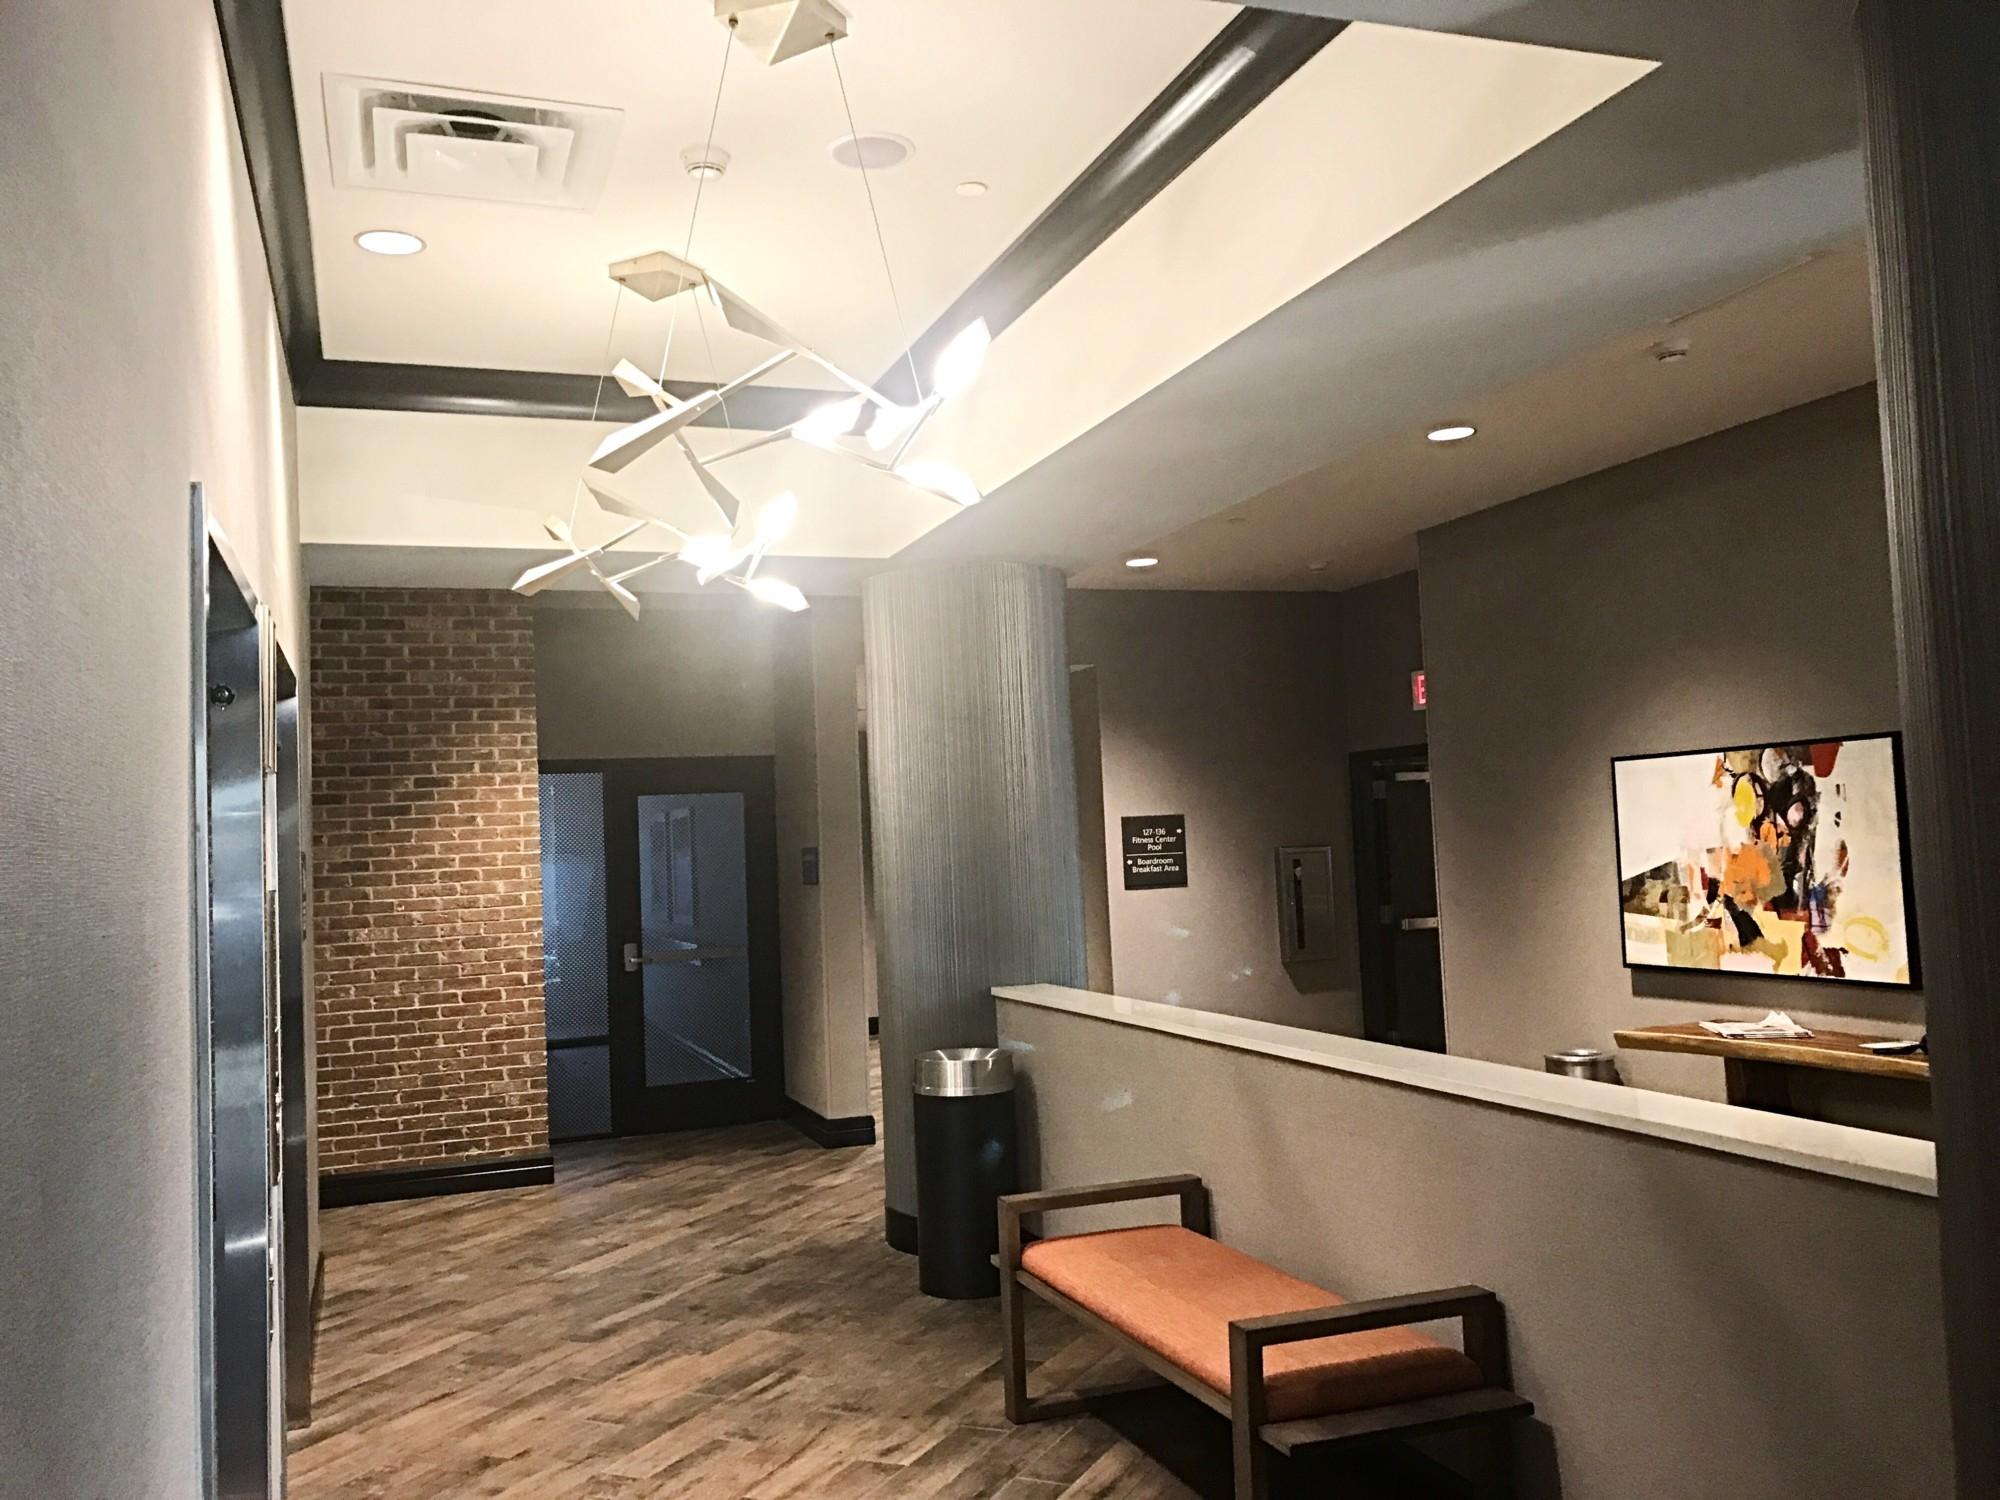 Hampton Inn & Suites Germantown, Tennessee